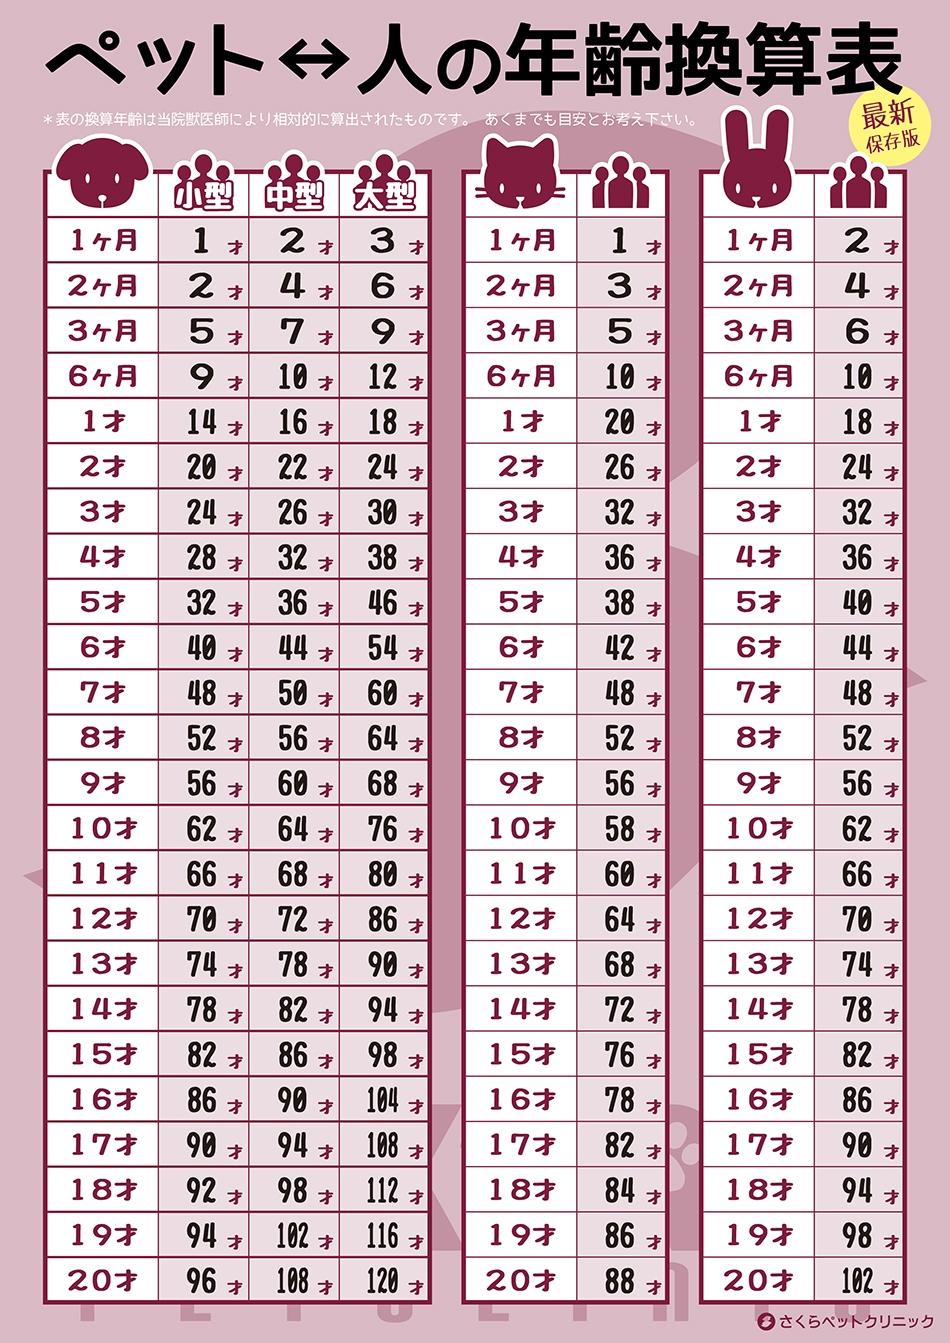 ペット年齢換算表 さくらペットクリニック 動物病院 鹿児島市